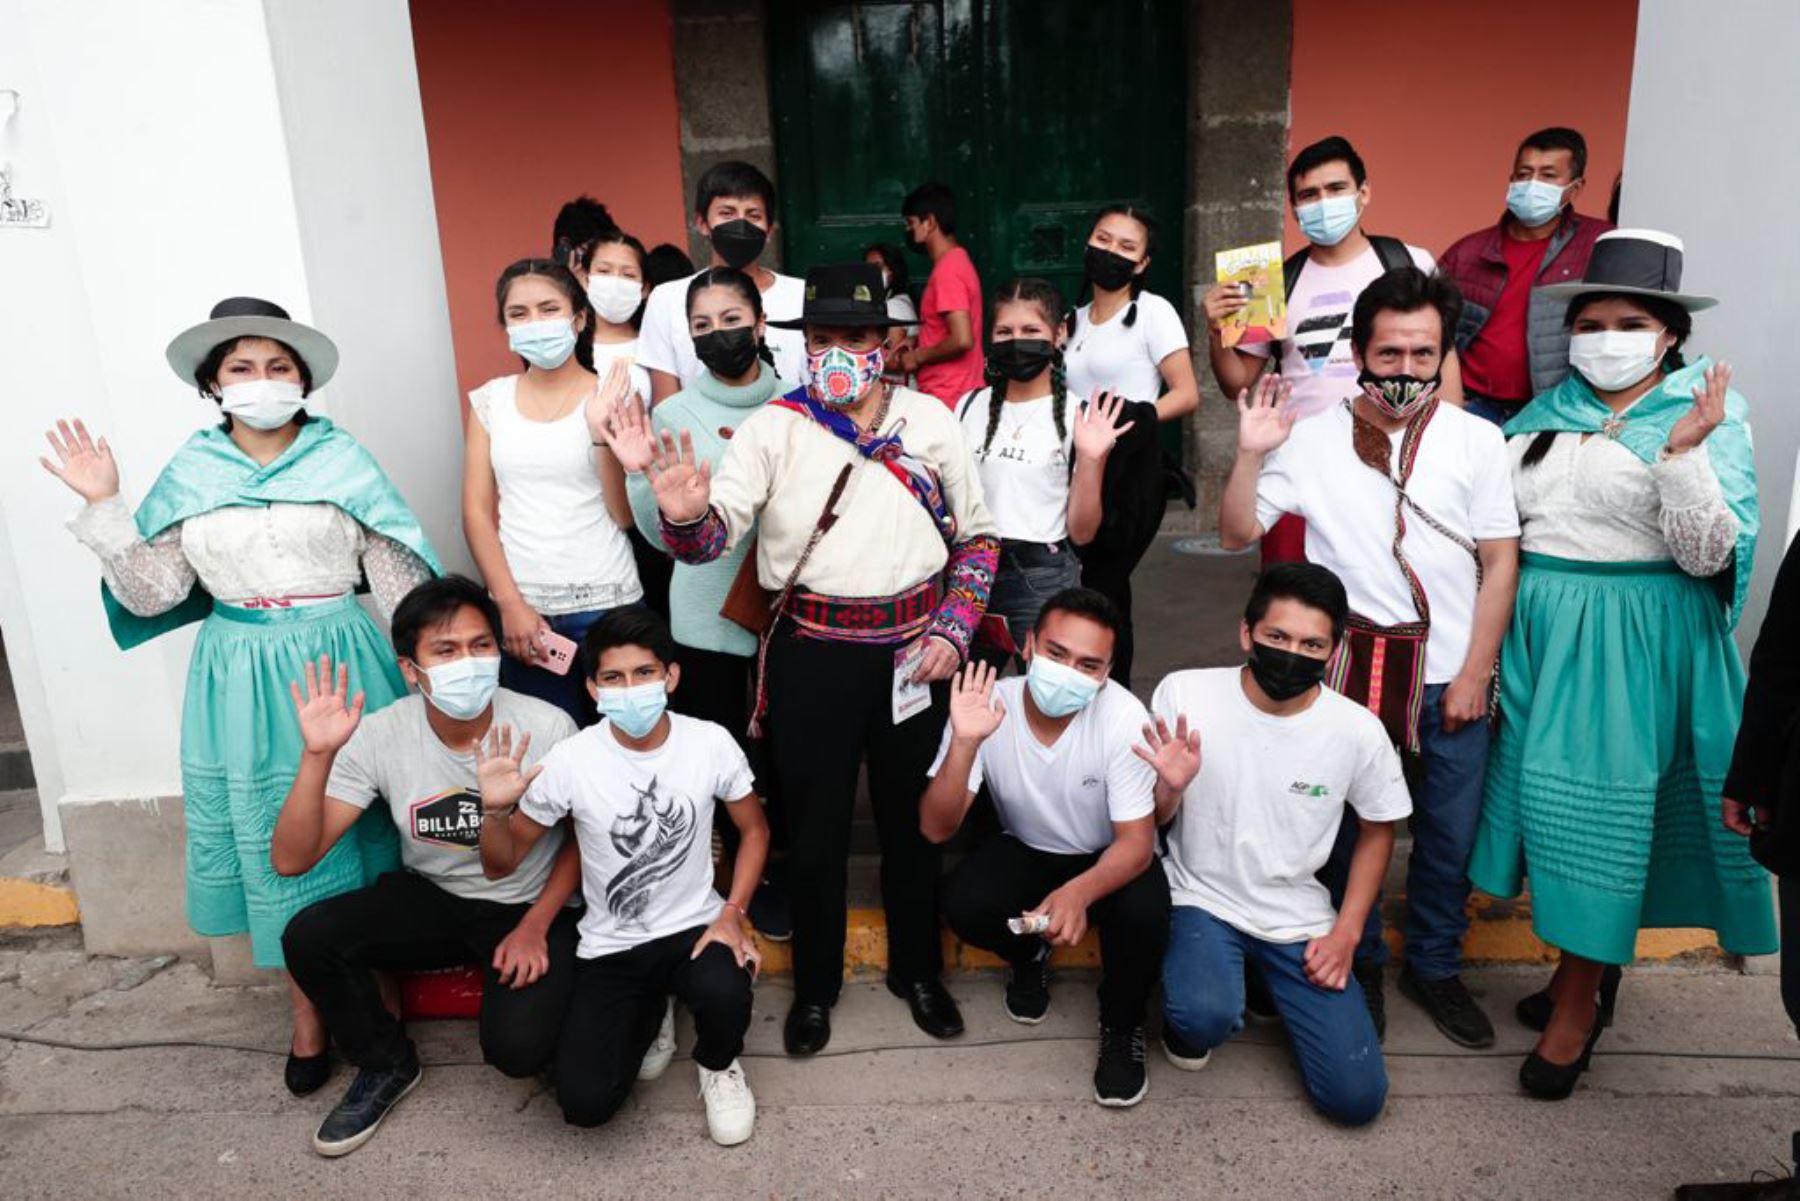 Ciro Gálvez Ministro de Cultura, entrega reconocimiento a destacados exponentes de la cultura en Ayacucho. Foto Difusión